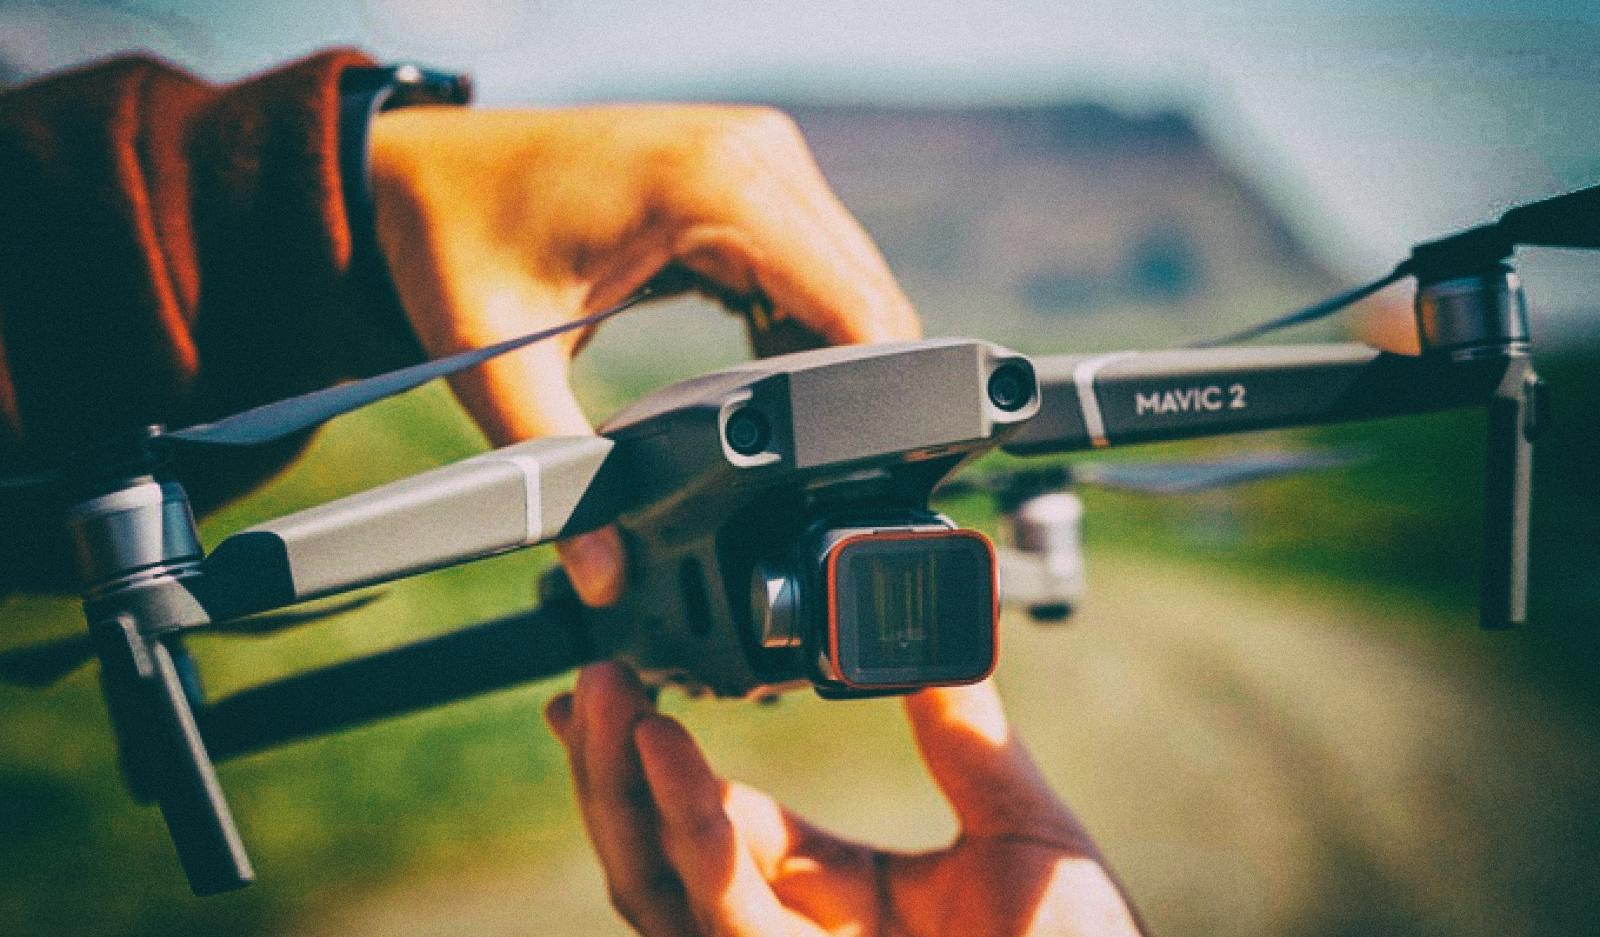 Представлен первый анаморфотный объектив для дрона